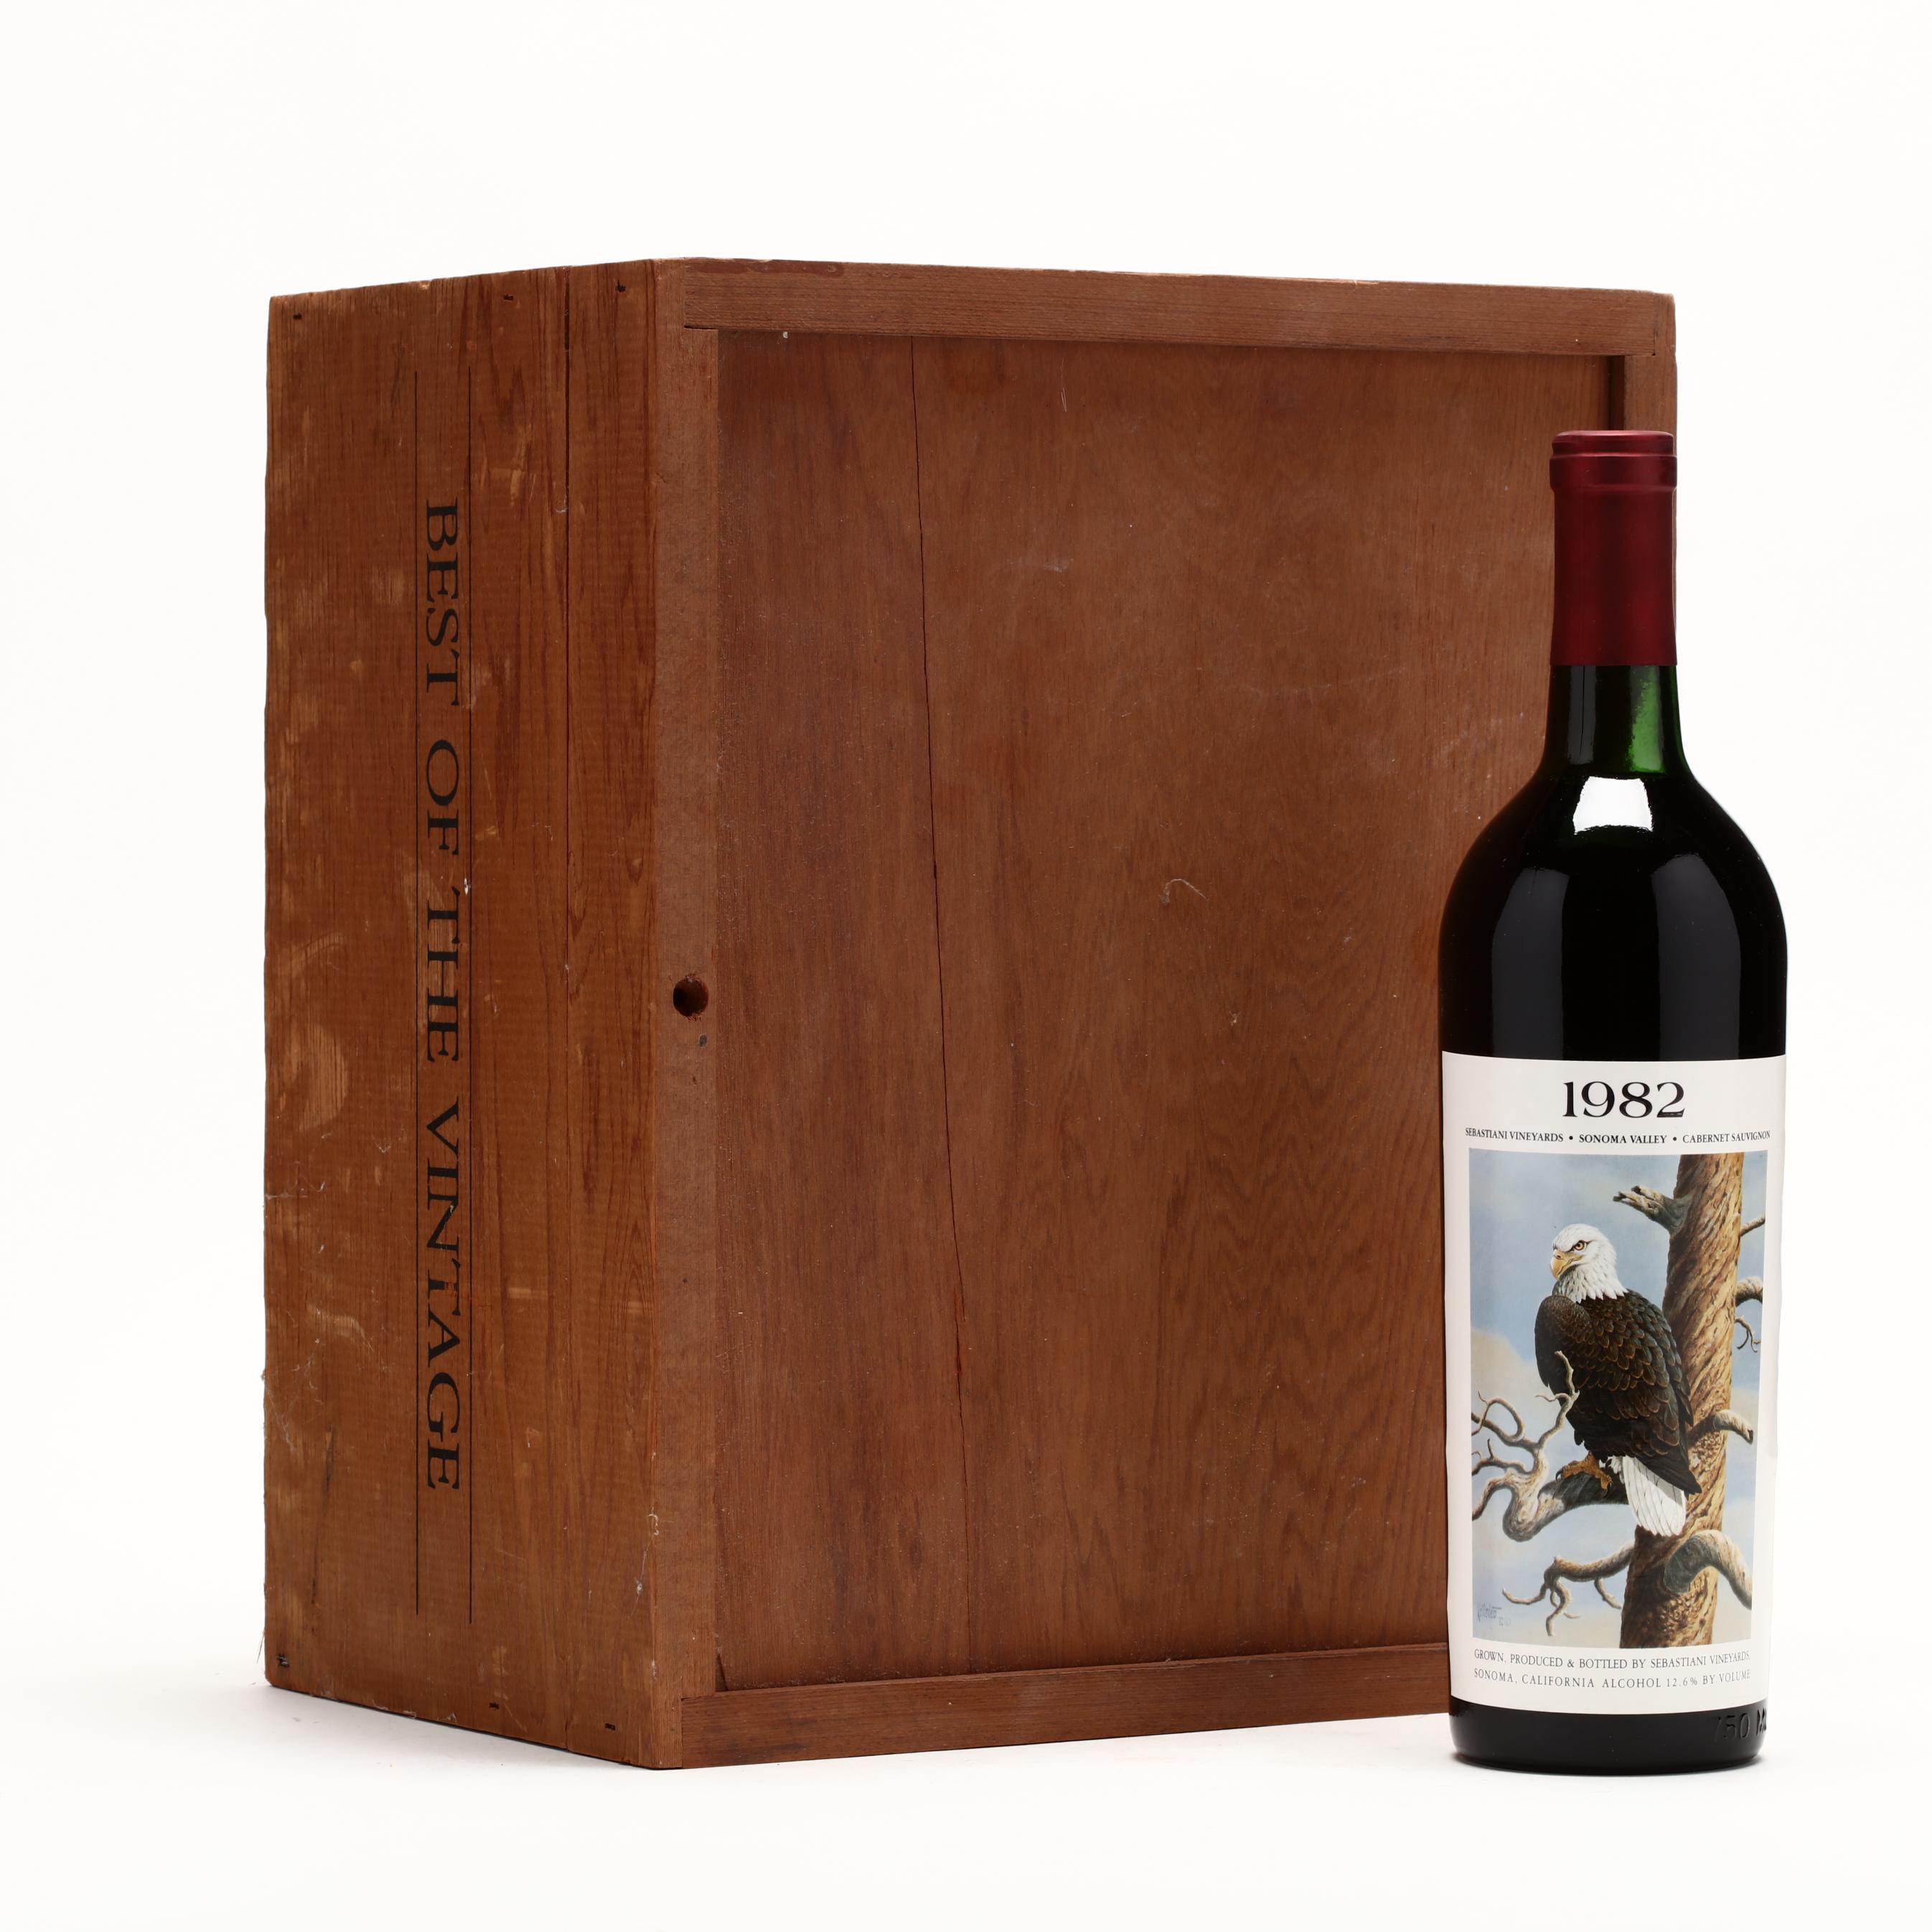 sebastiani-vineyards-vintage-1982